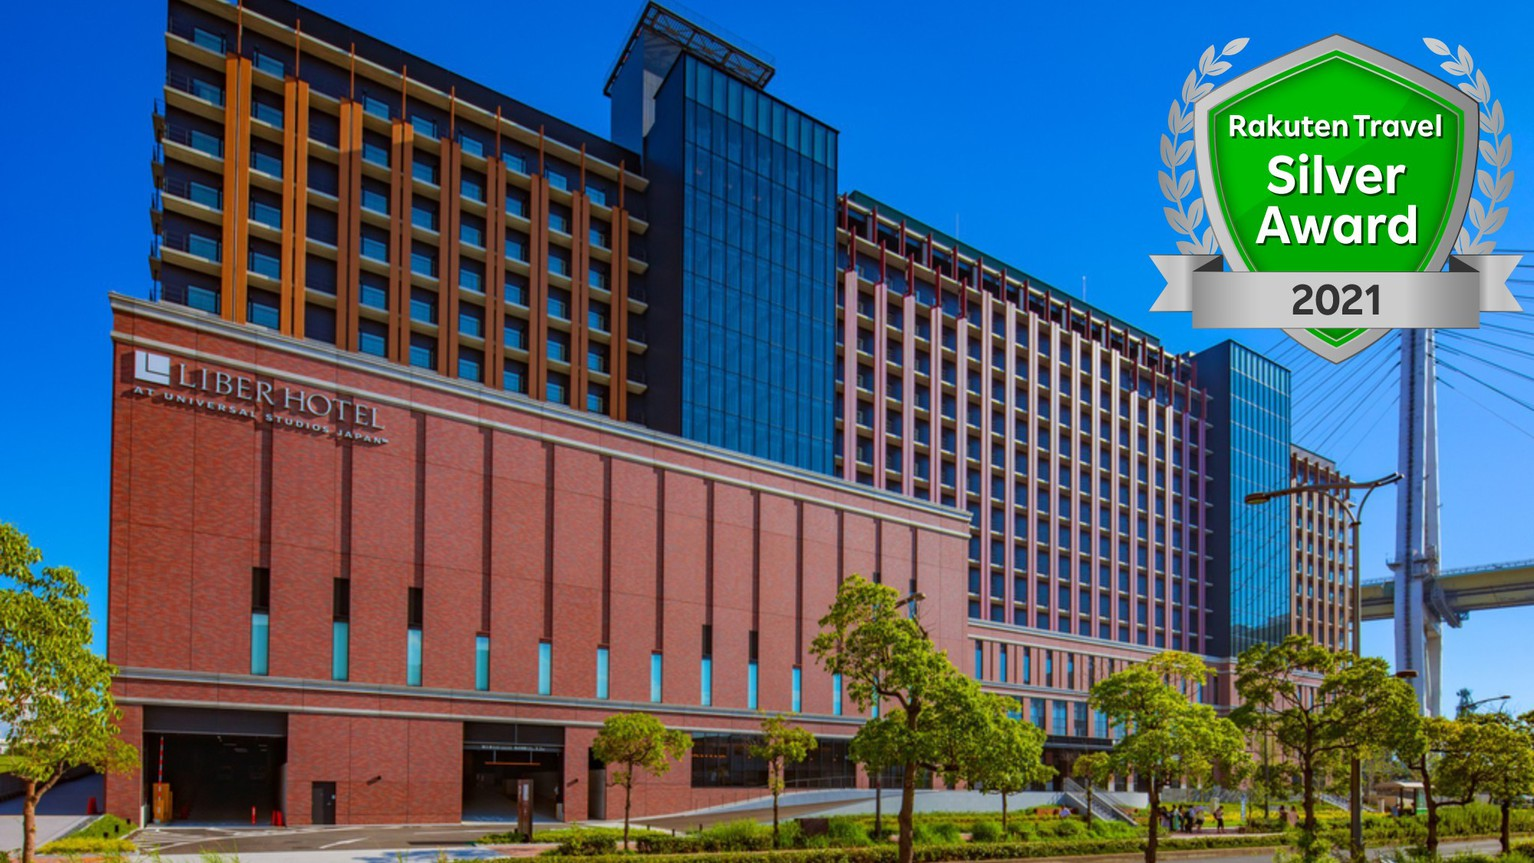 リーベルホテル アット ユニバーサル・スタジオ・ジャパン...